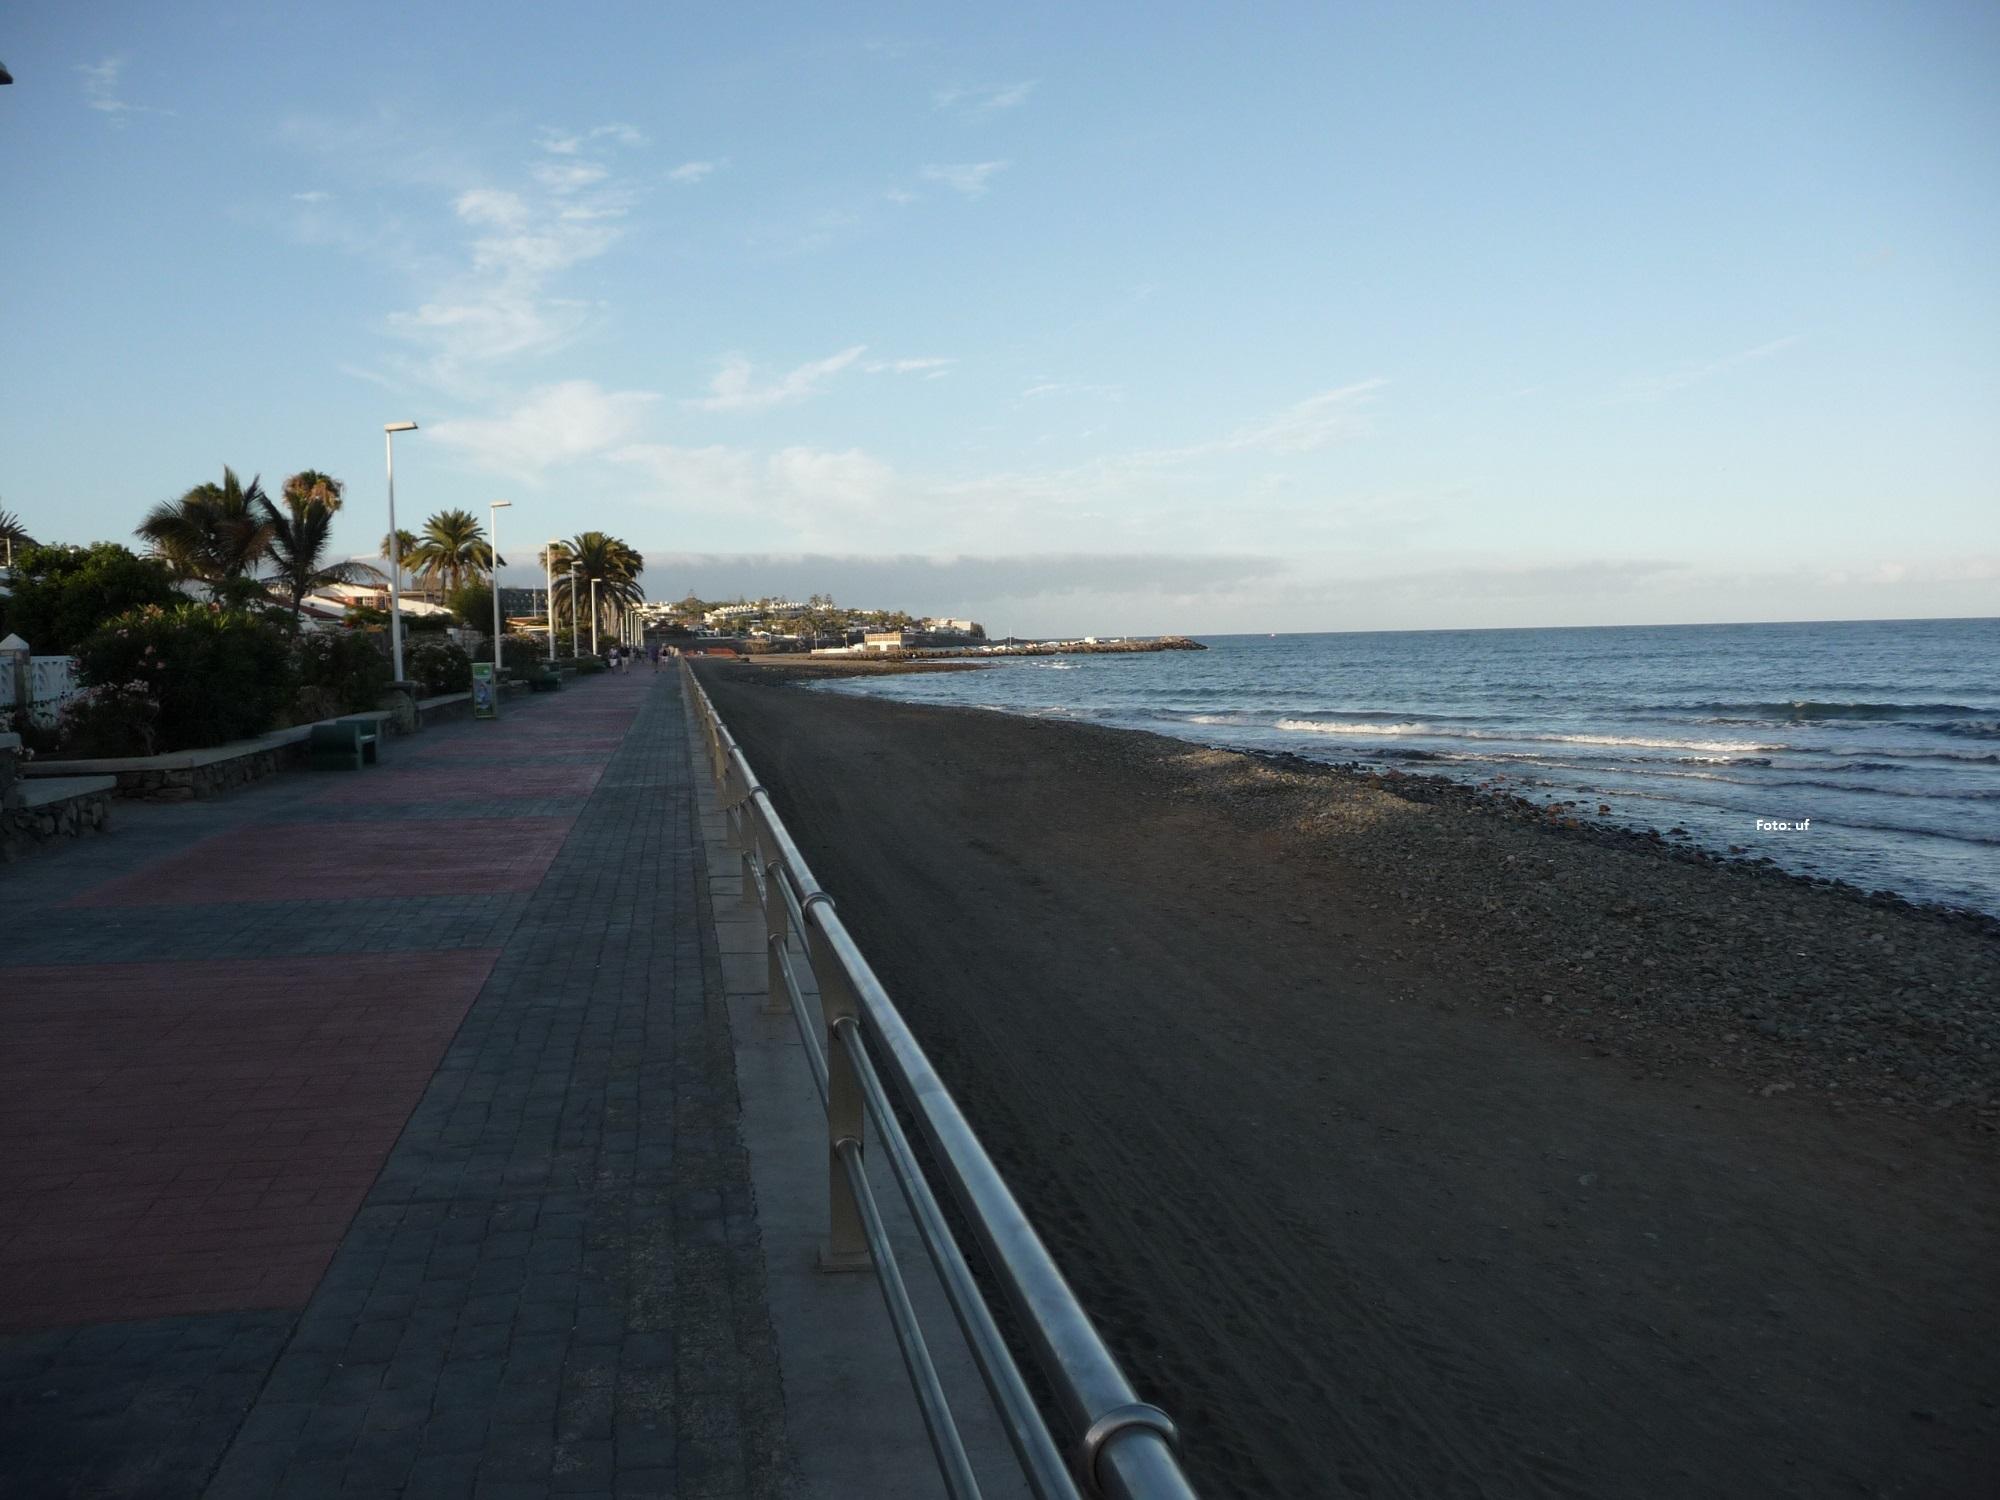 Abends auf der Promenade von Playa del Inglès nach San Augstìn - fast durchgehend.